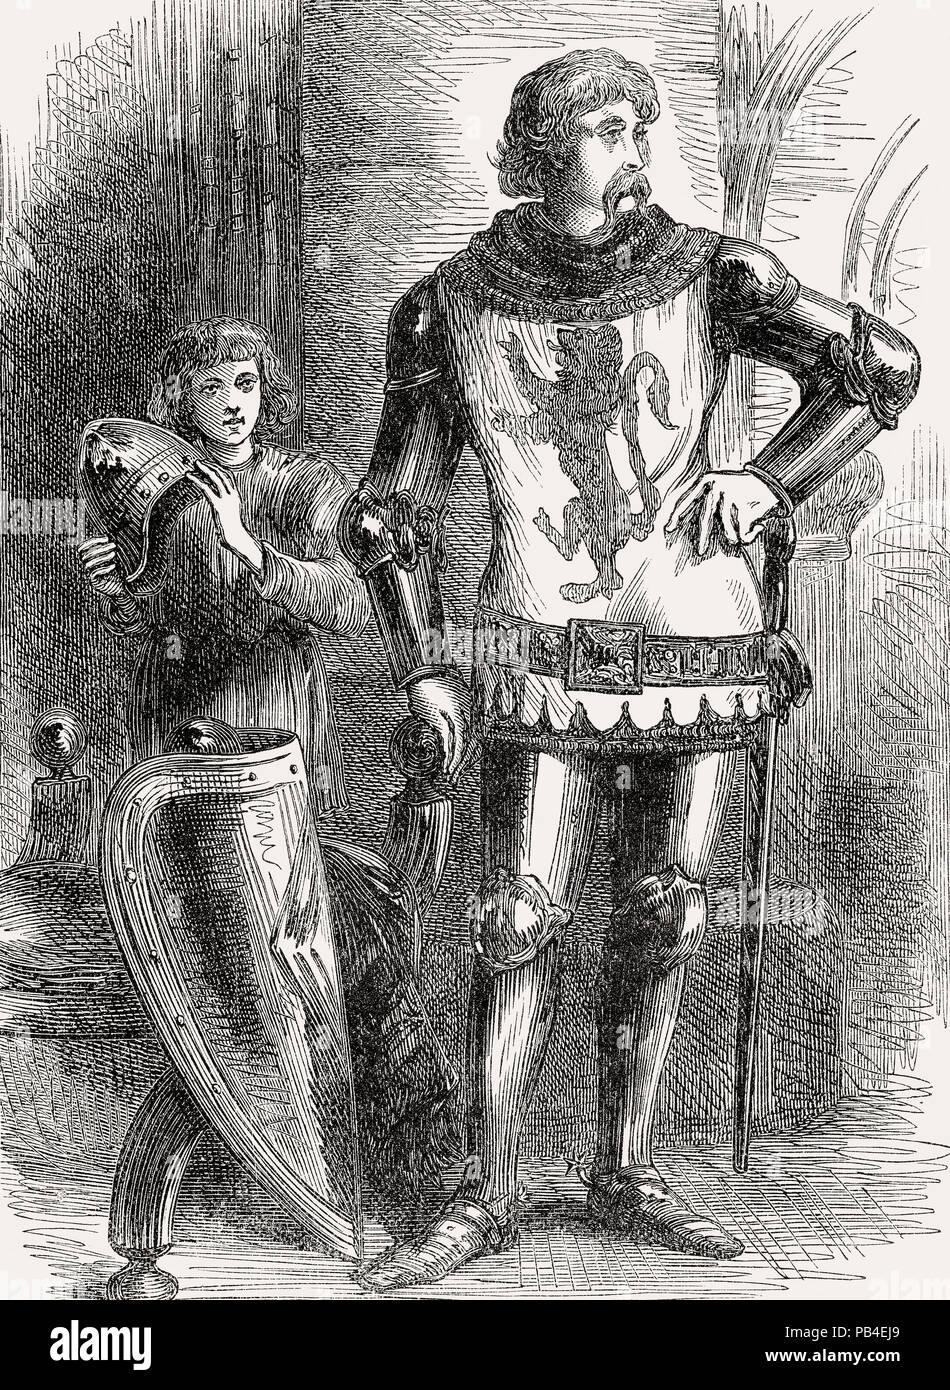 Sir William Wallace, der Führer im Kriege der schottischen Unabhängigkeit vom britischen Schlachten auf Land und Meer, von James Grant Stockbild